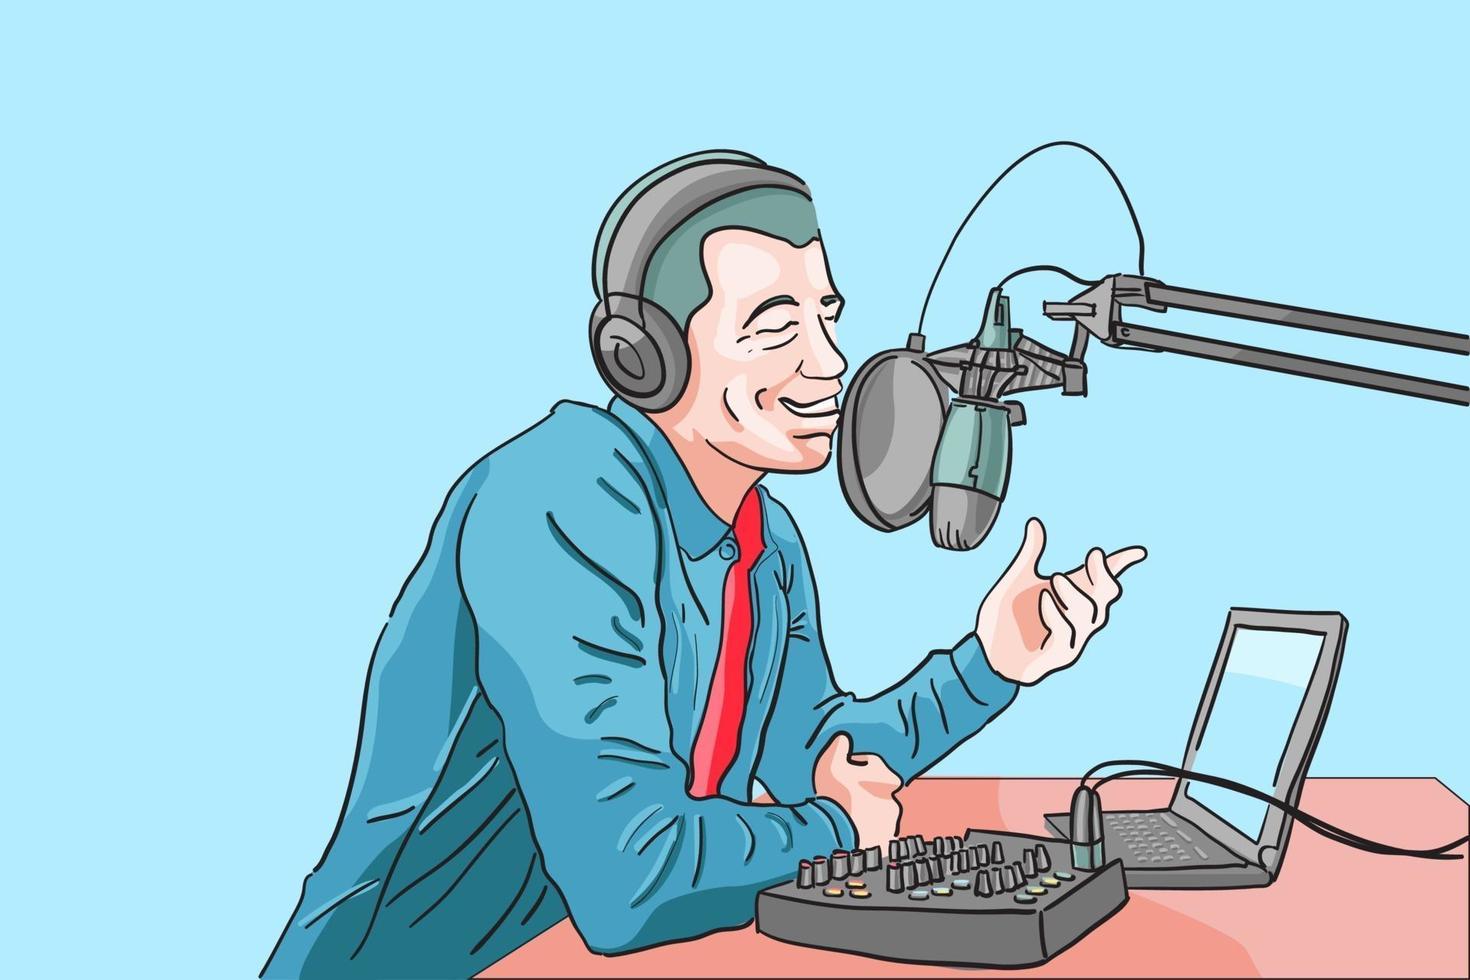 influencer boardcasting i studio, dj live i studio, högtalartal gör publikens motivation, podcaster livestreaming för följare, innehåll för bidragsgivare, platt vektorillustration vektor